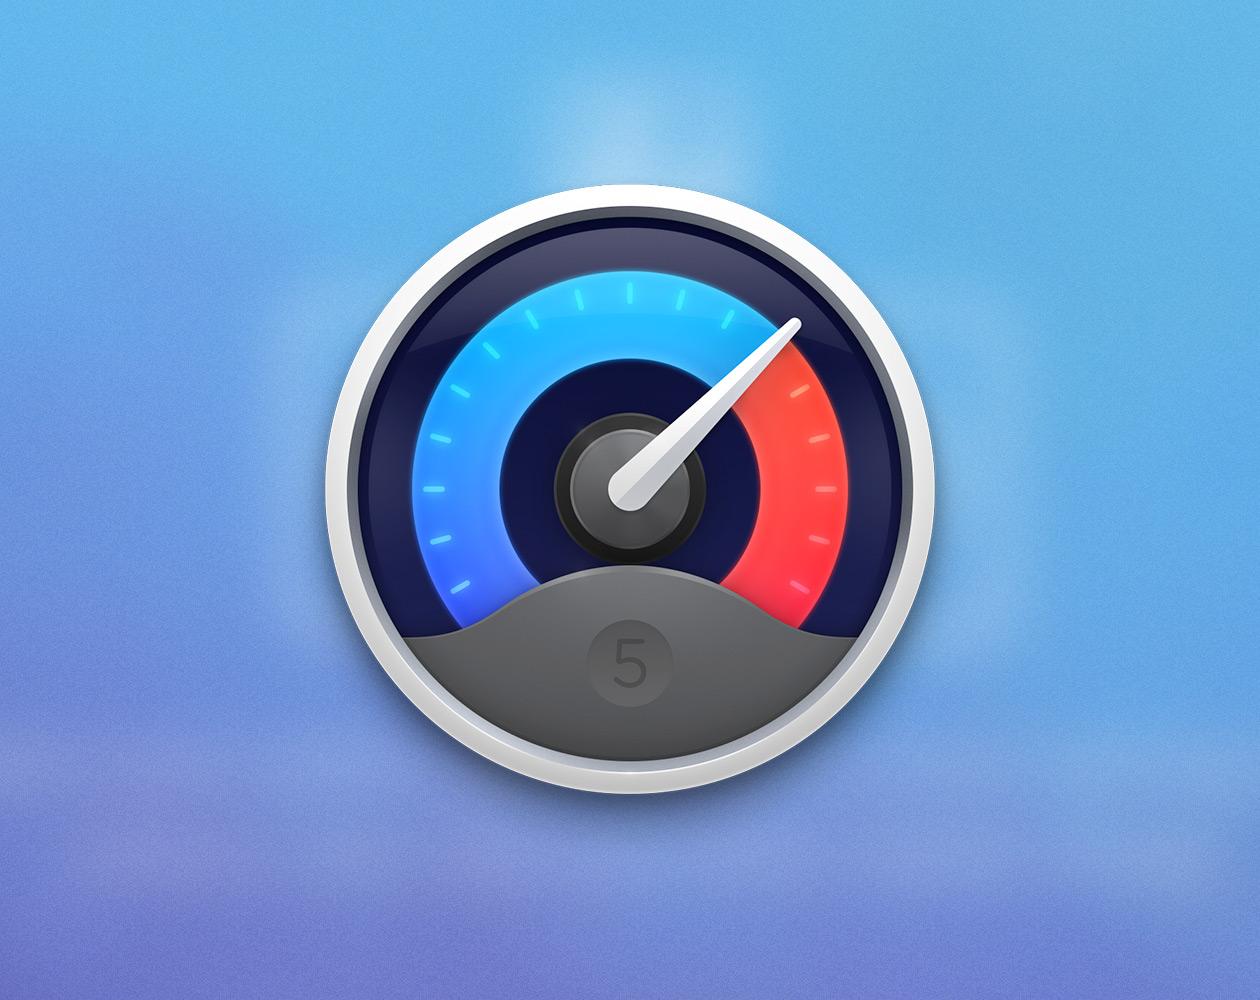 iStat Menus 5 для OS X: пять главных плюсов обновления